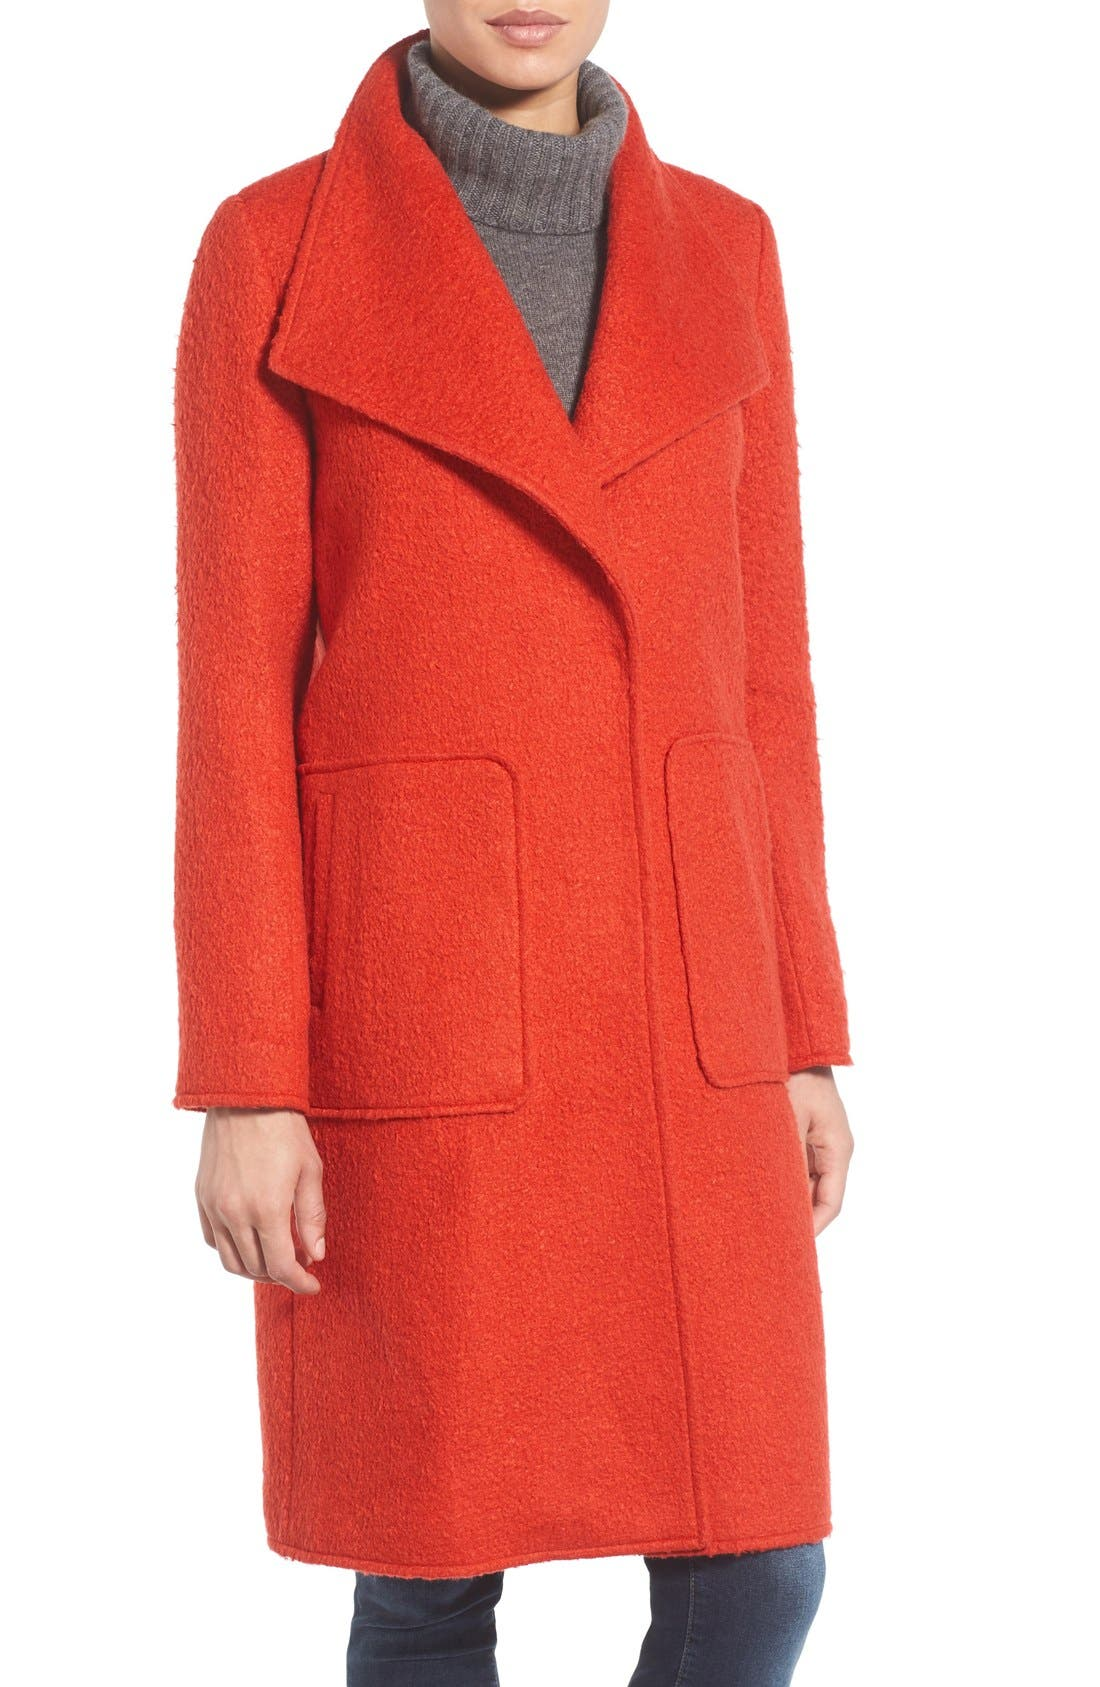 BERNARDO, Textured Long Coat, Main thumbnail 1, color, 852